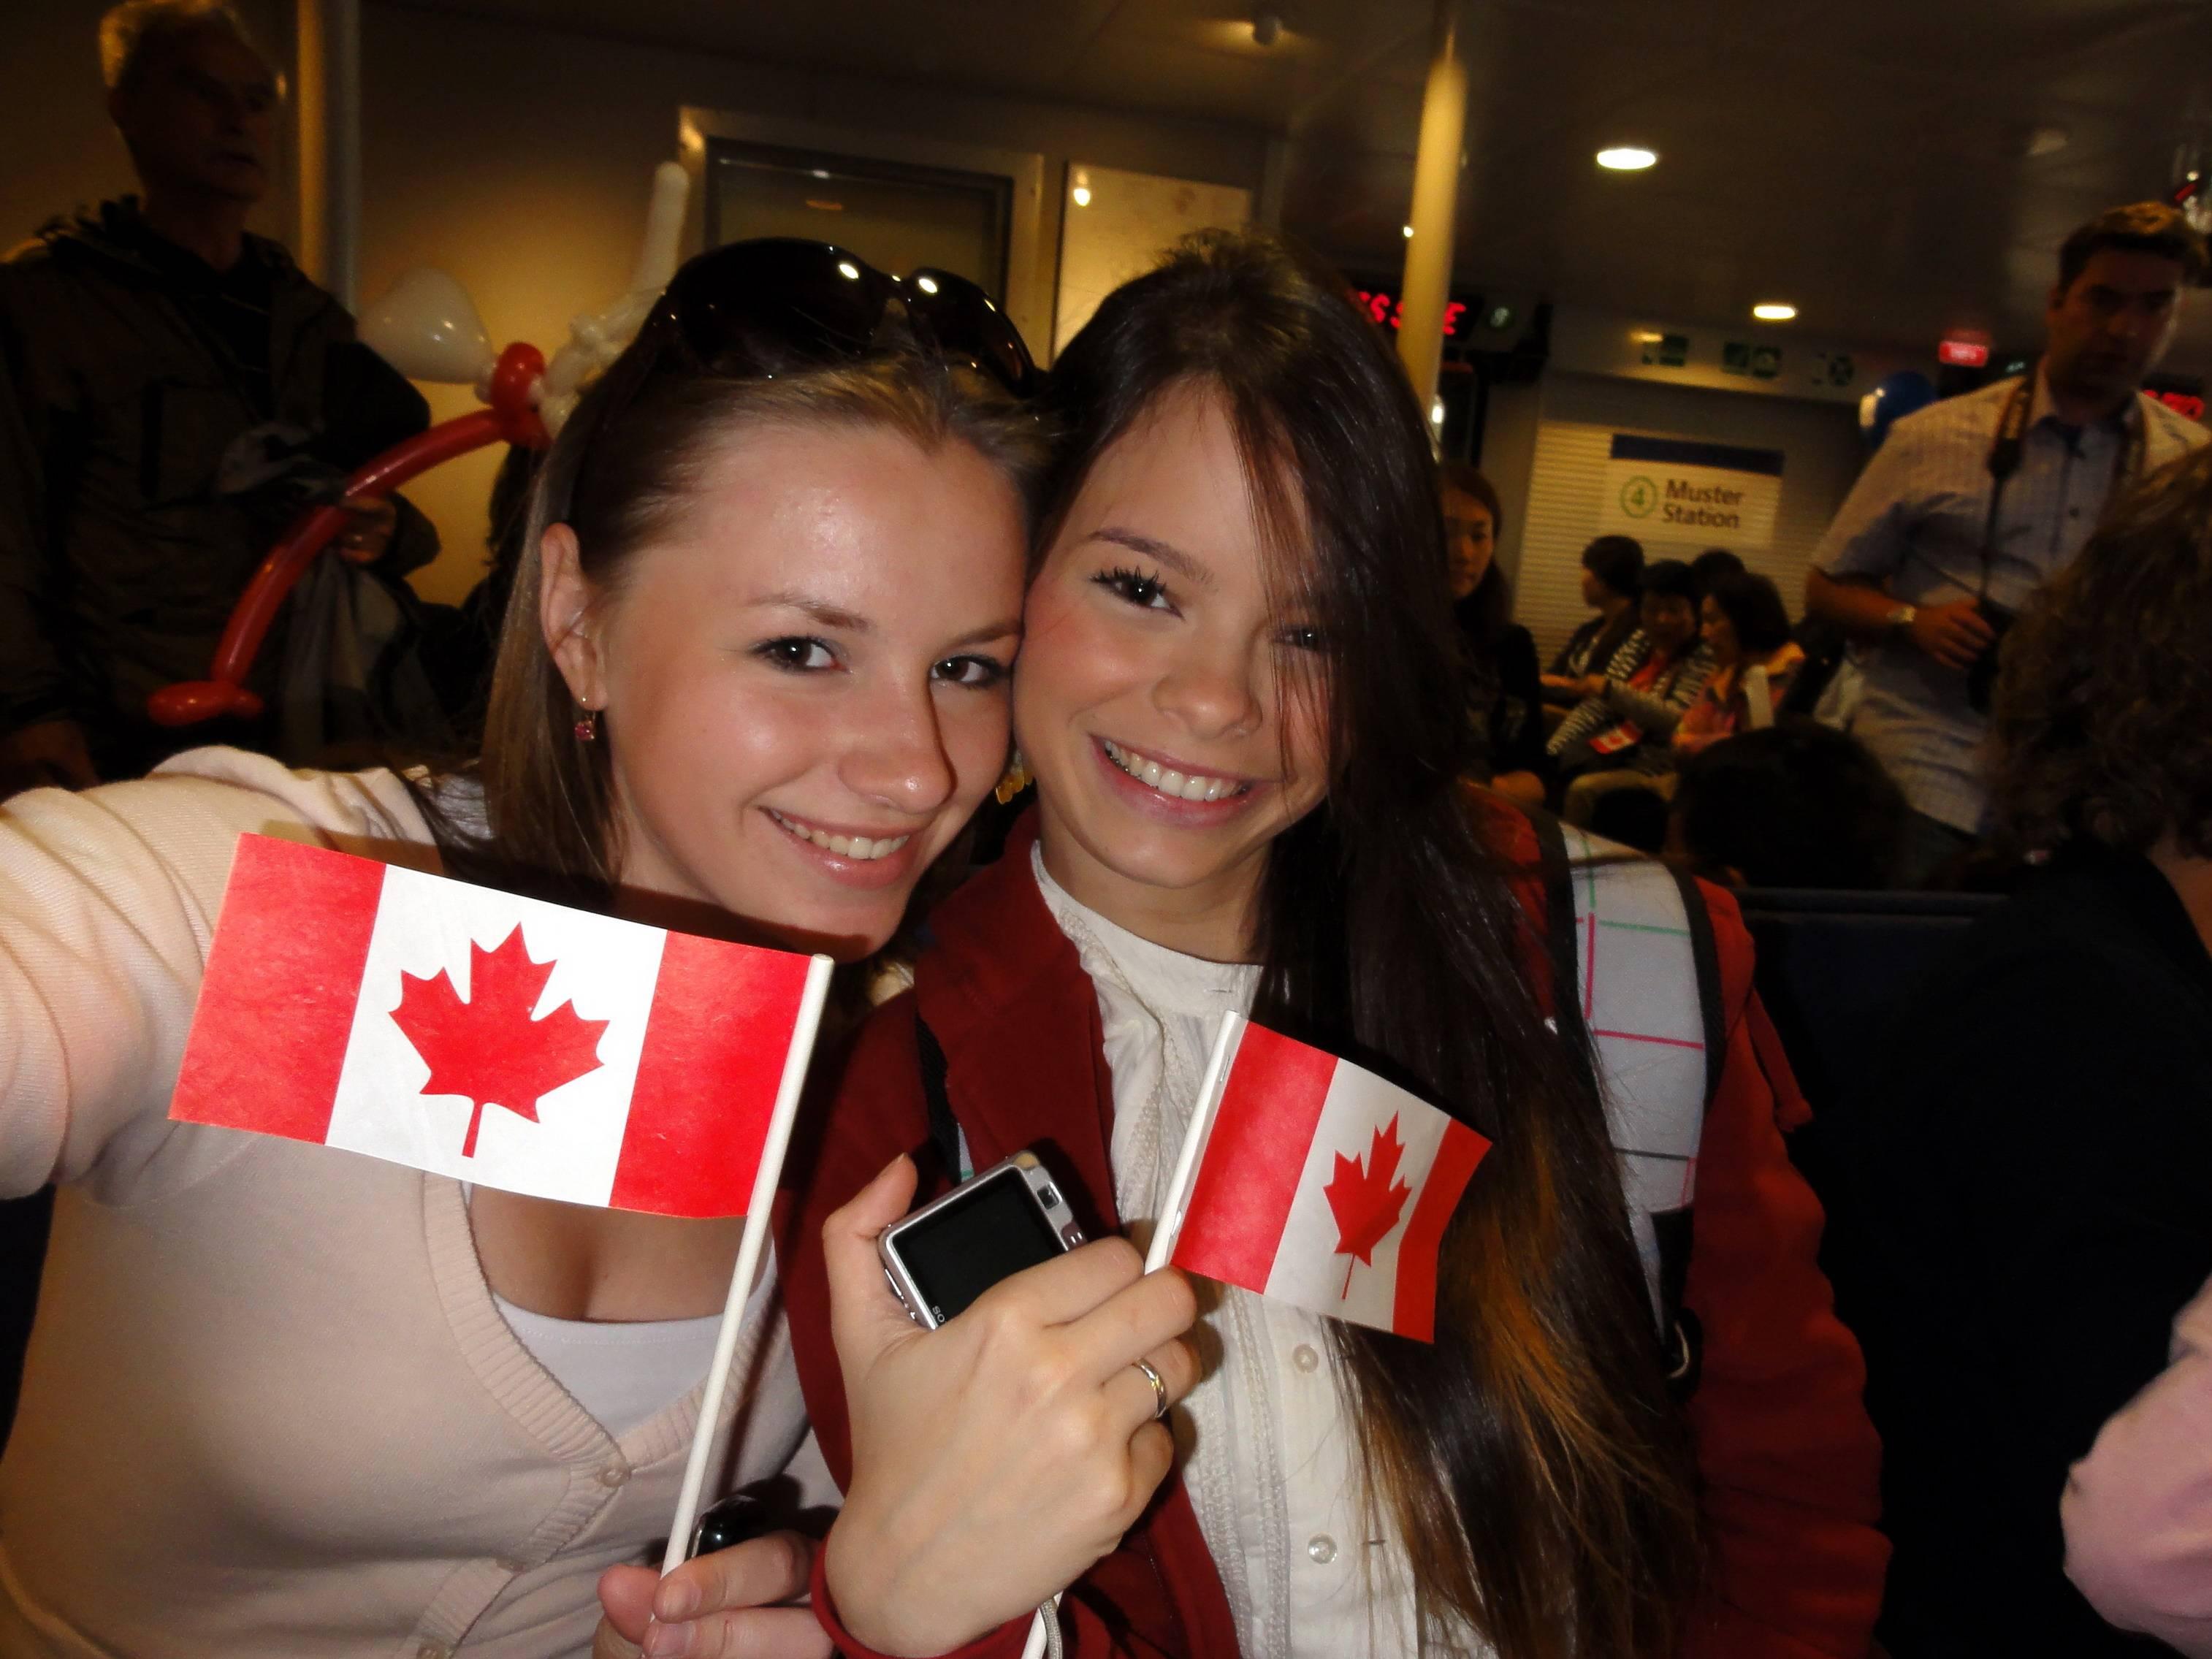 Иностранцы могут учиться в канадских вузах онлайн в 2020 году